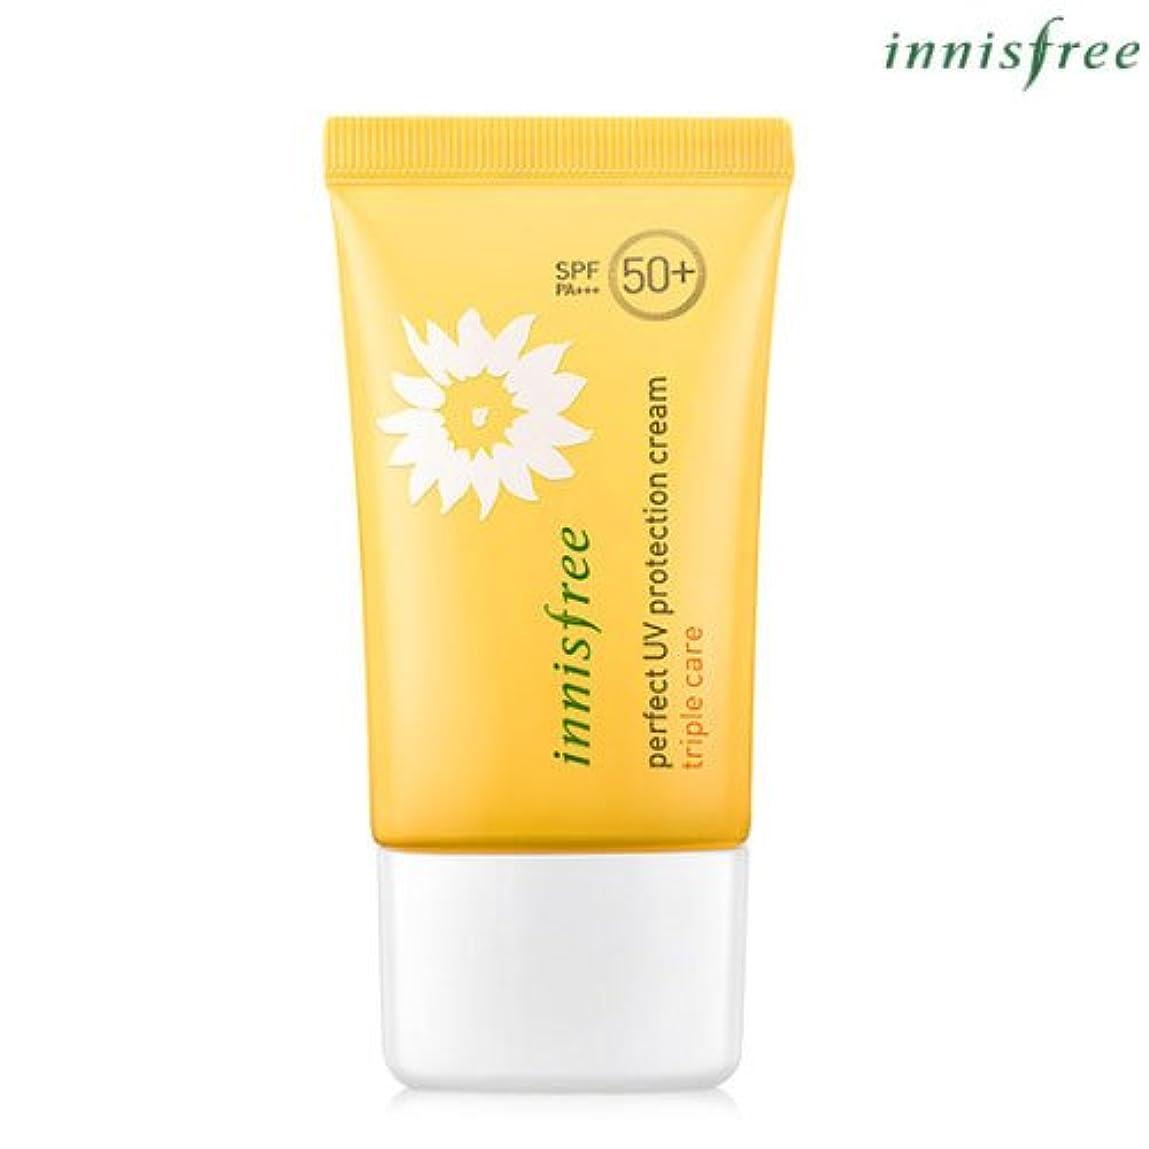 味付け船外よろしく[INNISFREE]イニスフリーパーフェクトUV プロテクション クリームトリプルケアSPF50+ PA+++ 50mL perfect UV protection cream triple care SPF50+ PA...